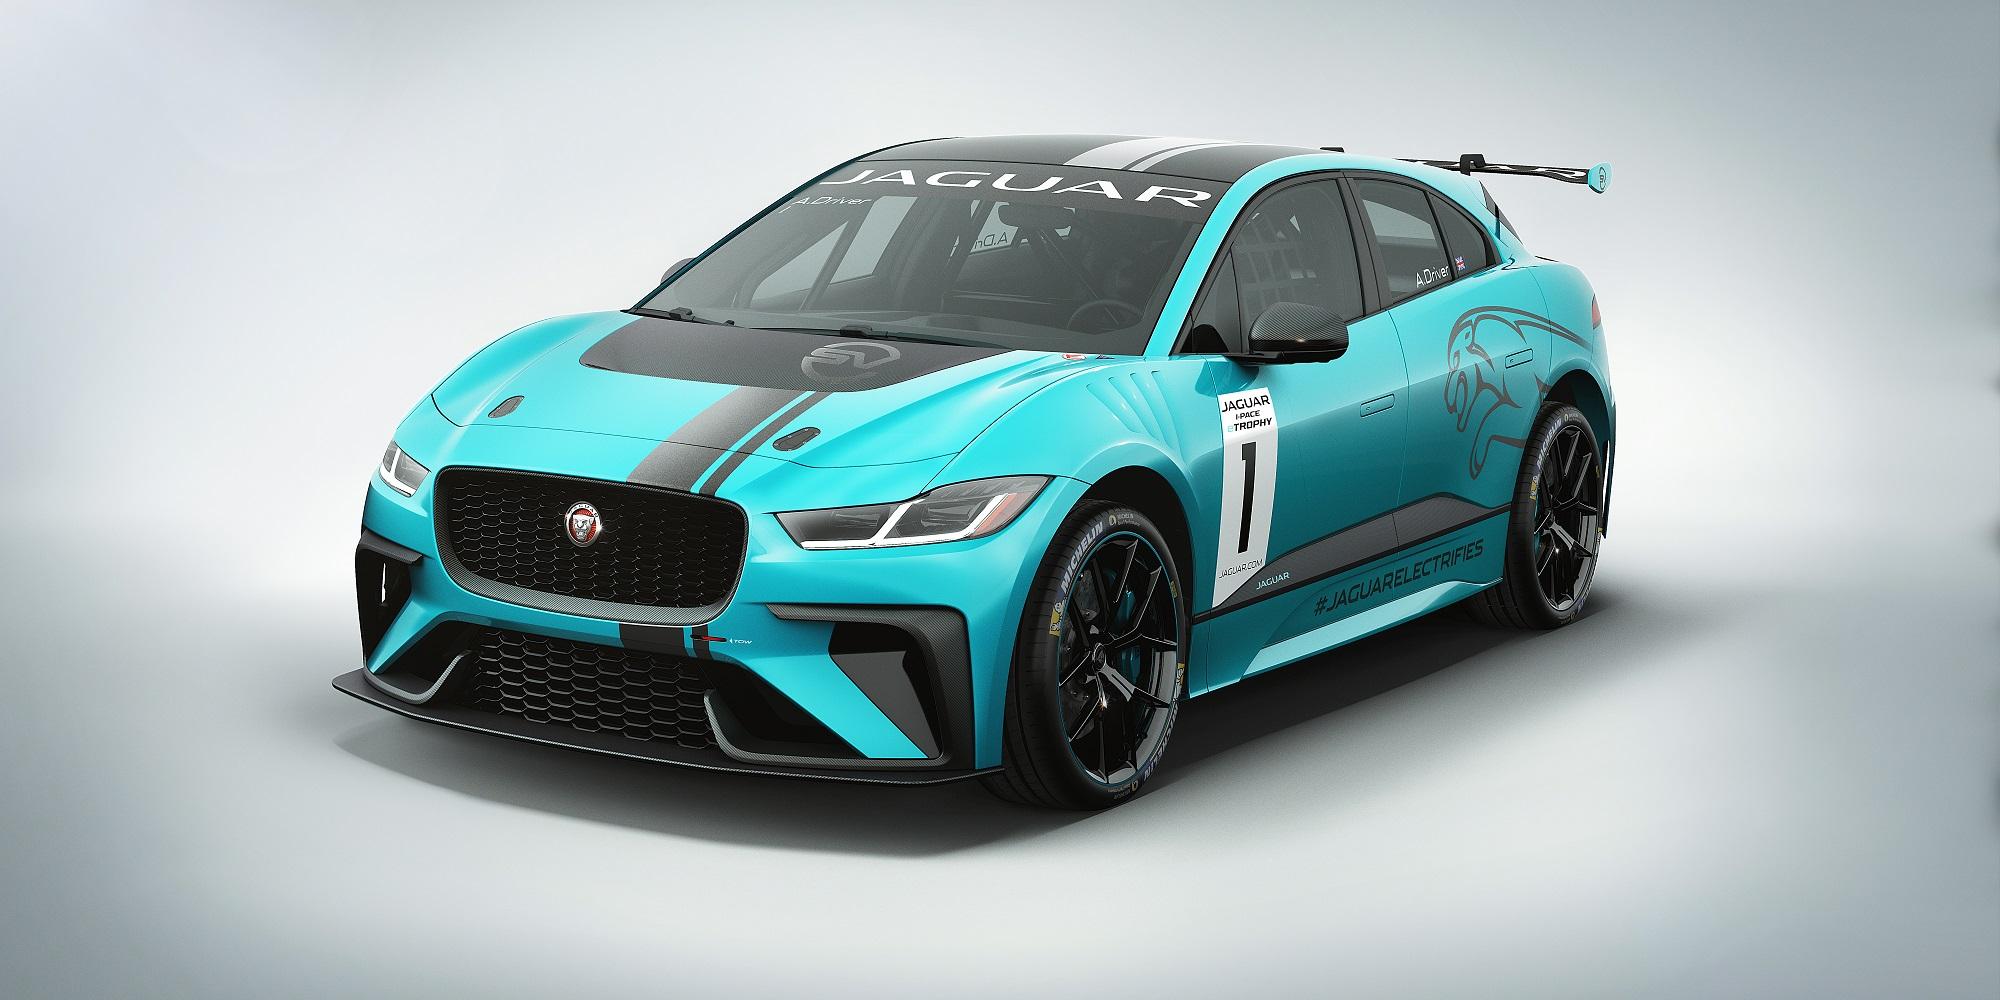 jaguarforums.com Jaguar I-PACE eTROPHY Race Series FIA Formula E Electirc Vehicles Racing Motorsport